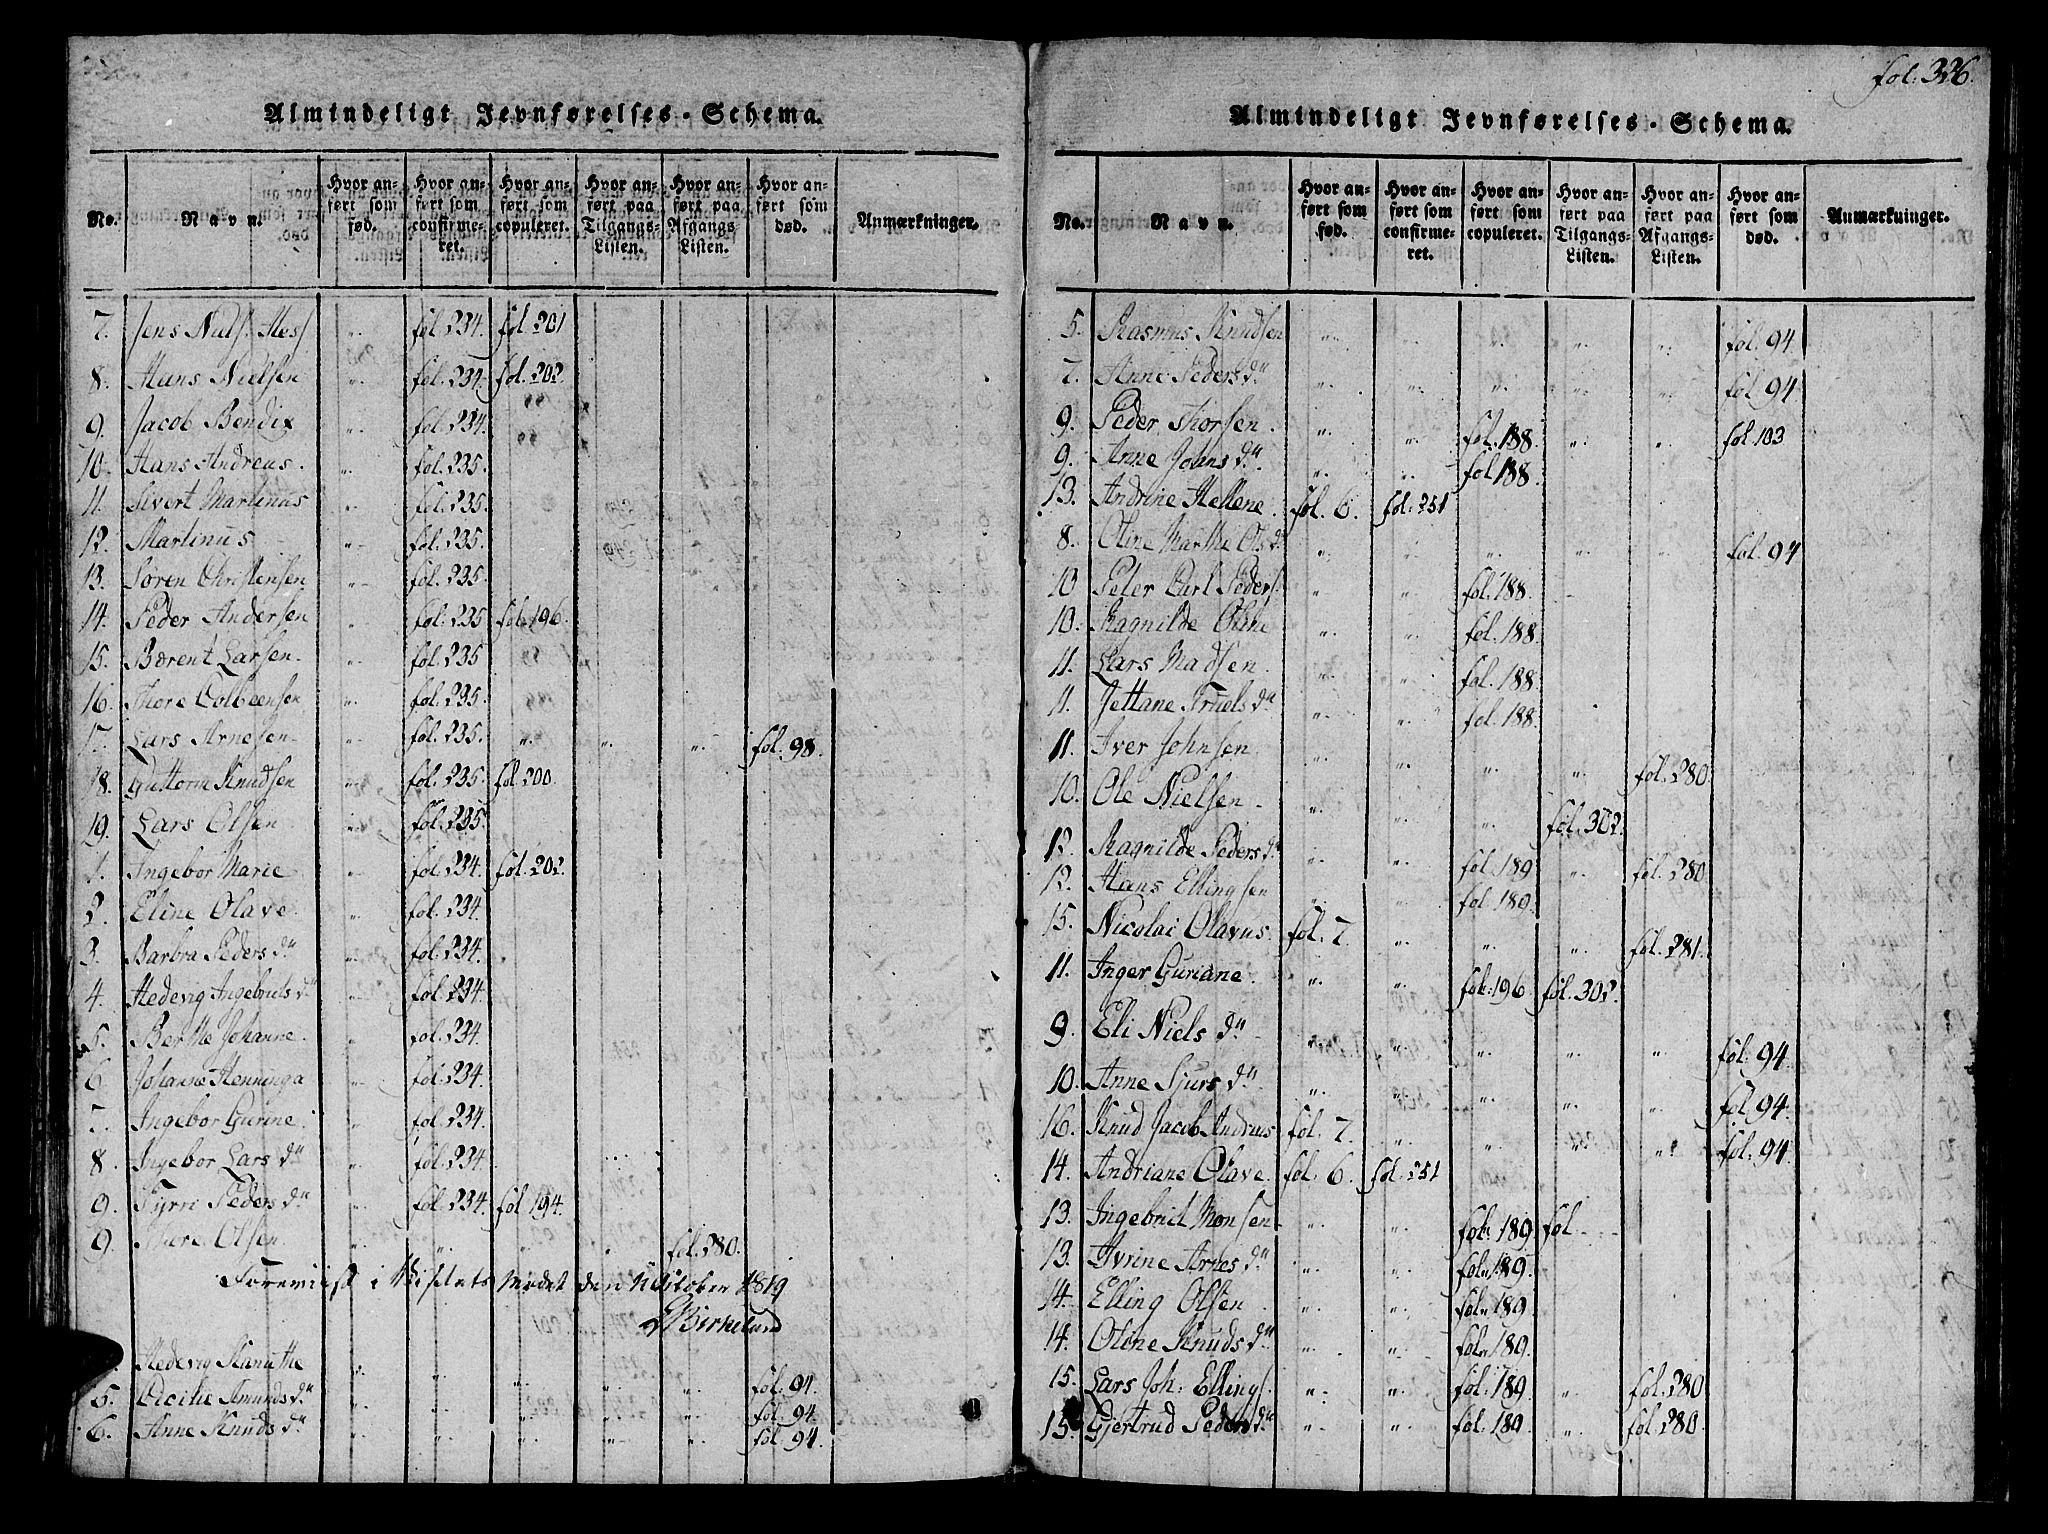 SAT, Ministerialprotokoller, klokkerbøker og fødselsregistre - Møre og Romsdal, 536/L0495: Ministerialbok nr. 536A04, 1818-1847, s. 326